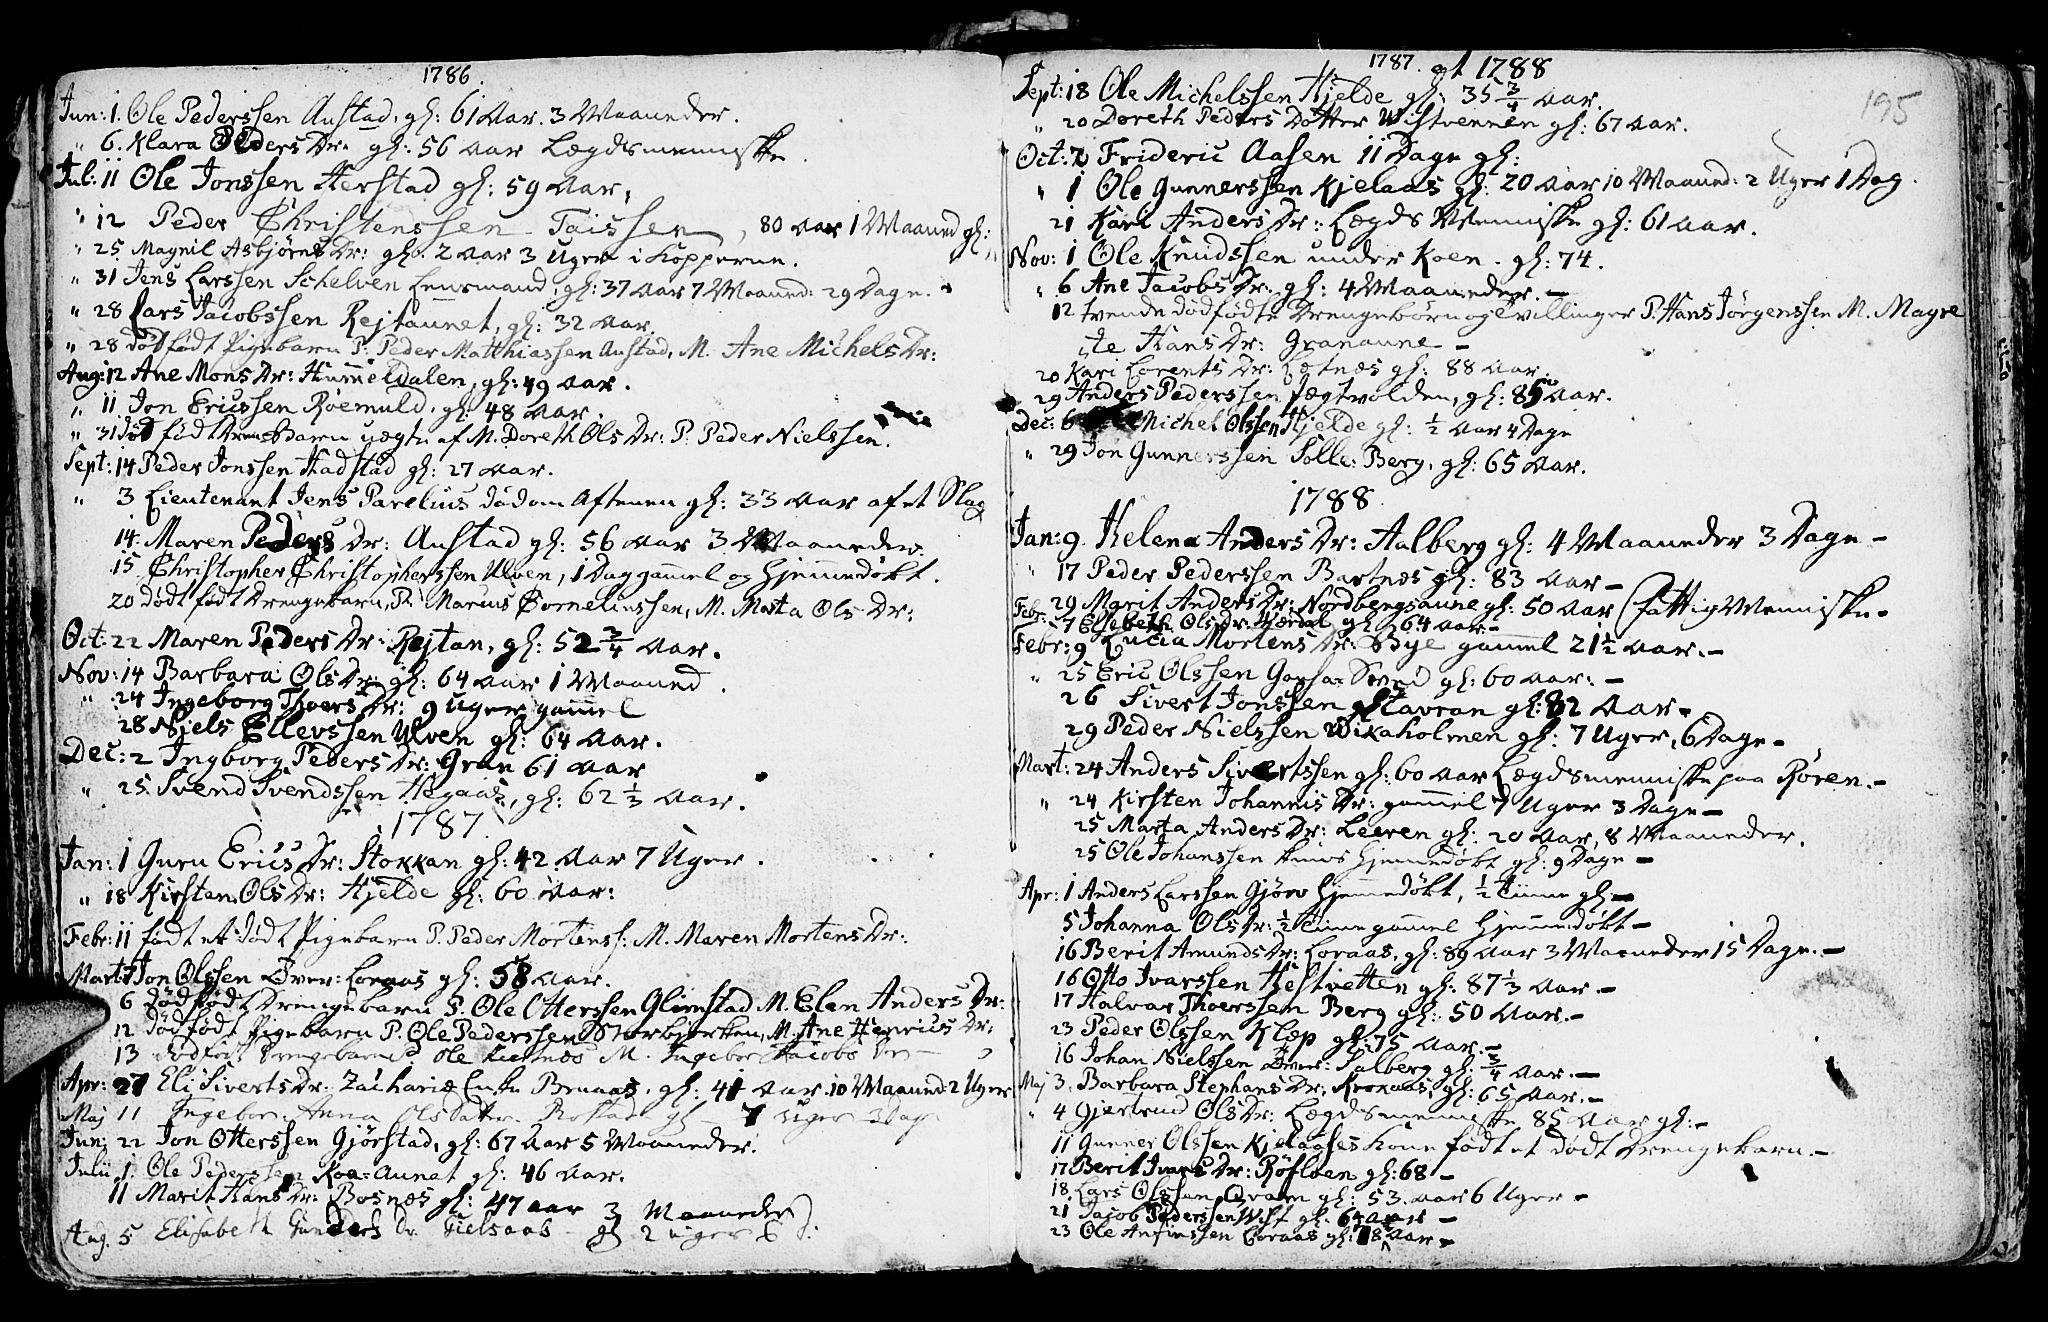 SAT, Ministerialprotokoller, klokkerbøker og fødselsregistre - Nord-Trøndelag, 730/L0273: Ministerialbok nr. 730A02, 1762-1802, s. 195